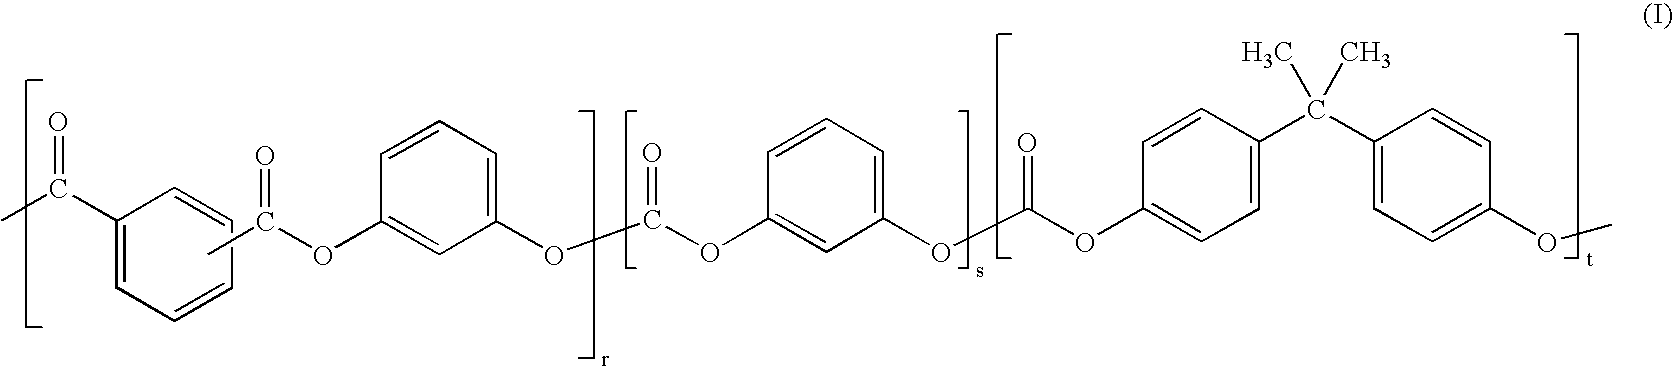 Figure US07323536-20080129-C00046